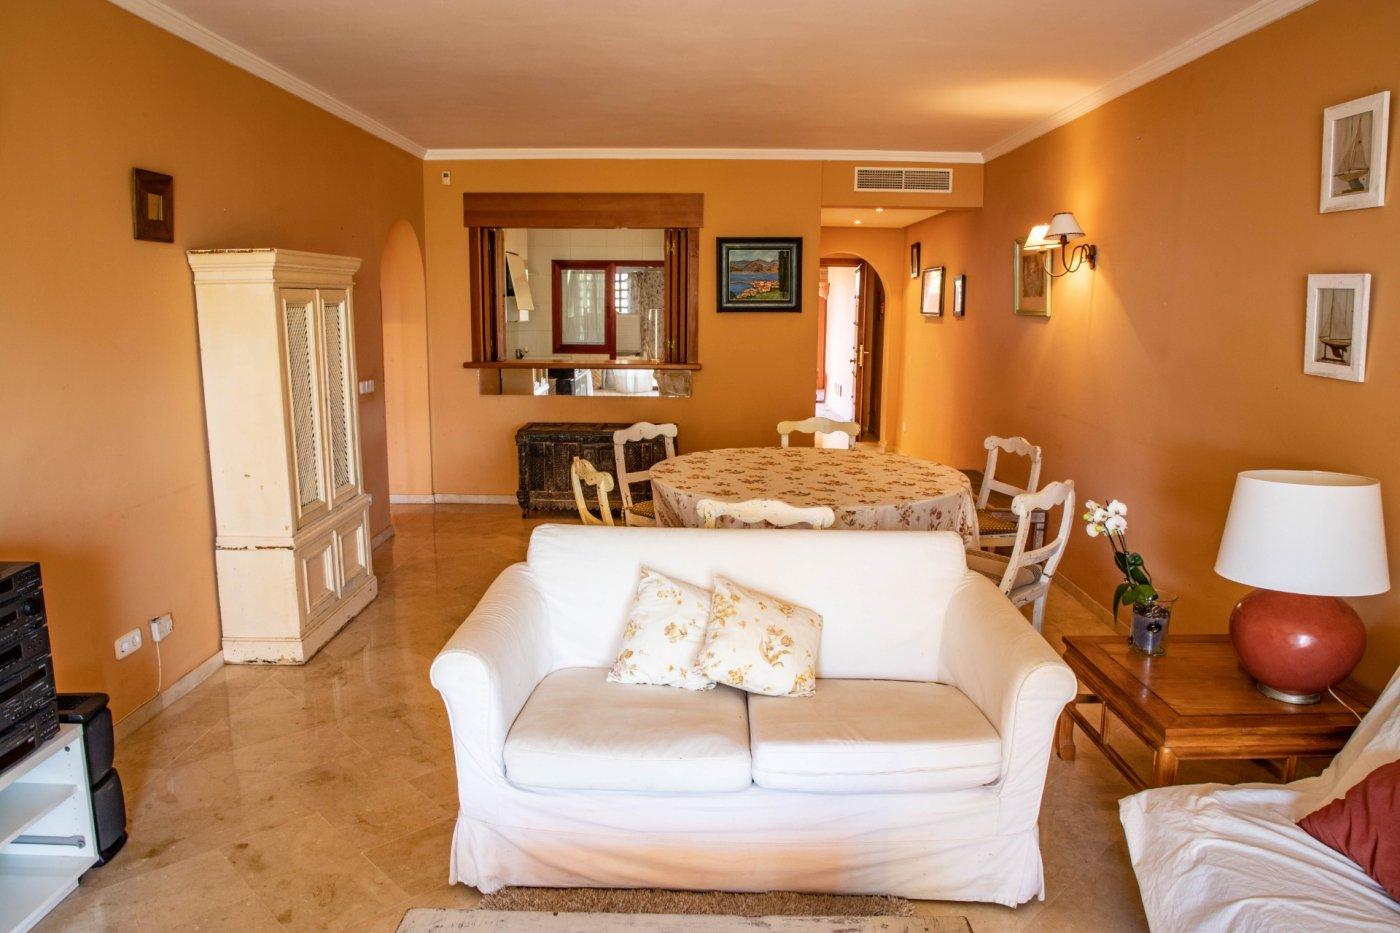 Oportunidad de comprar un precioso apartamento en santa ponsa a muy buen precio!! - imagenInmueble23